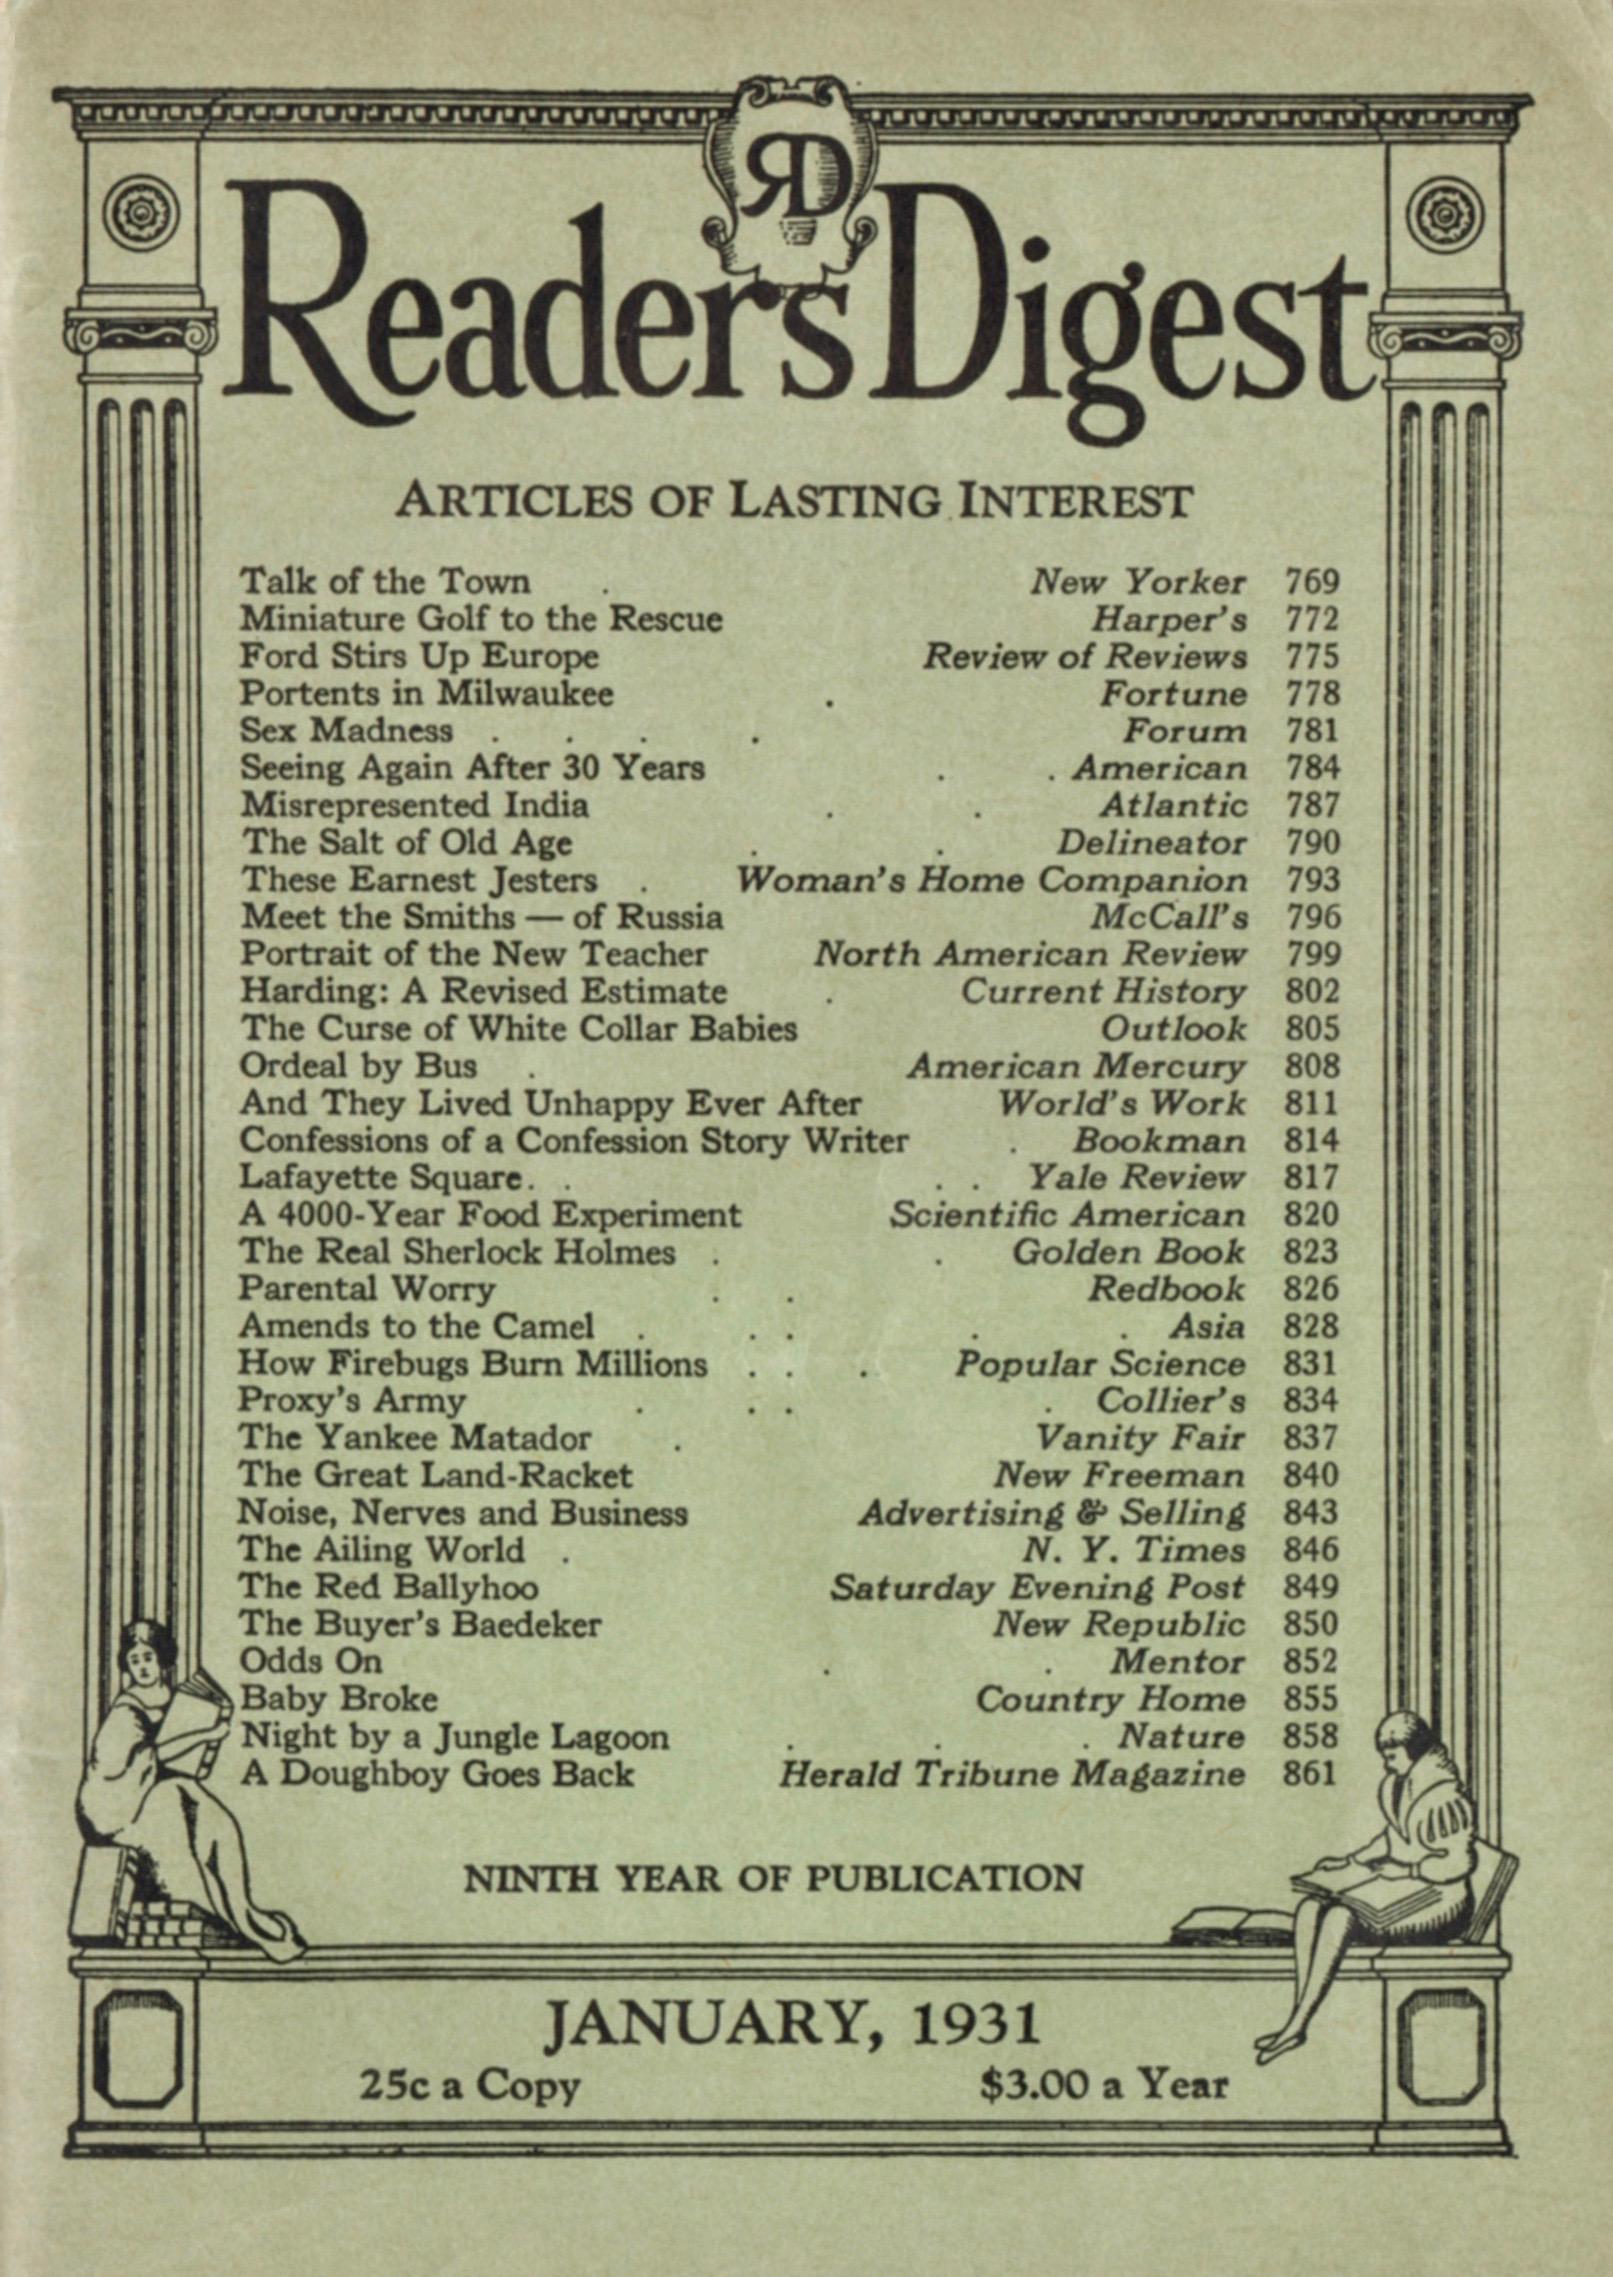 Readers Digest 1934.jpg